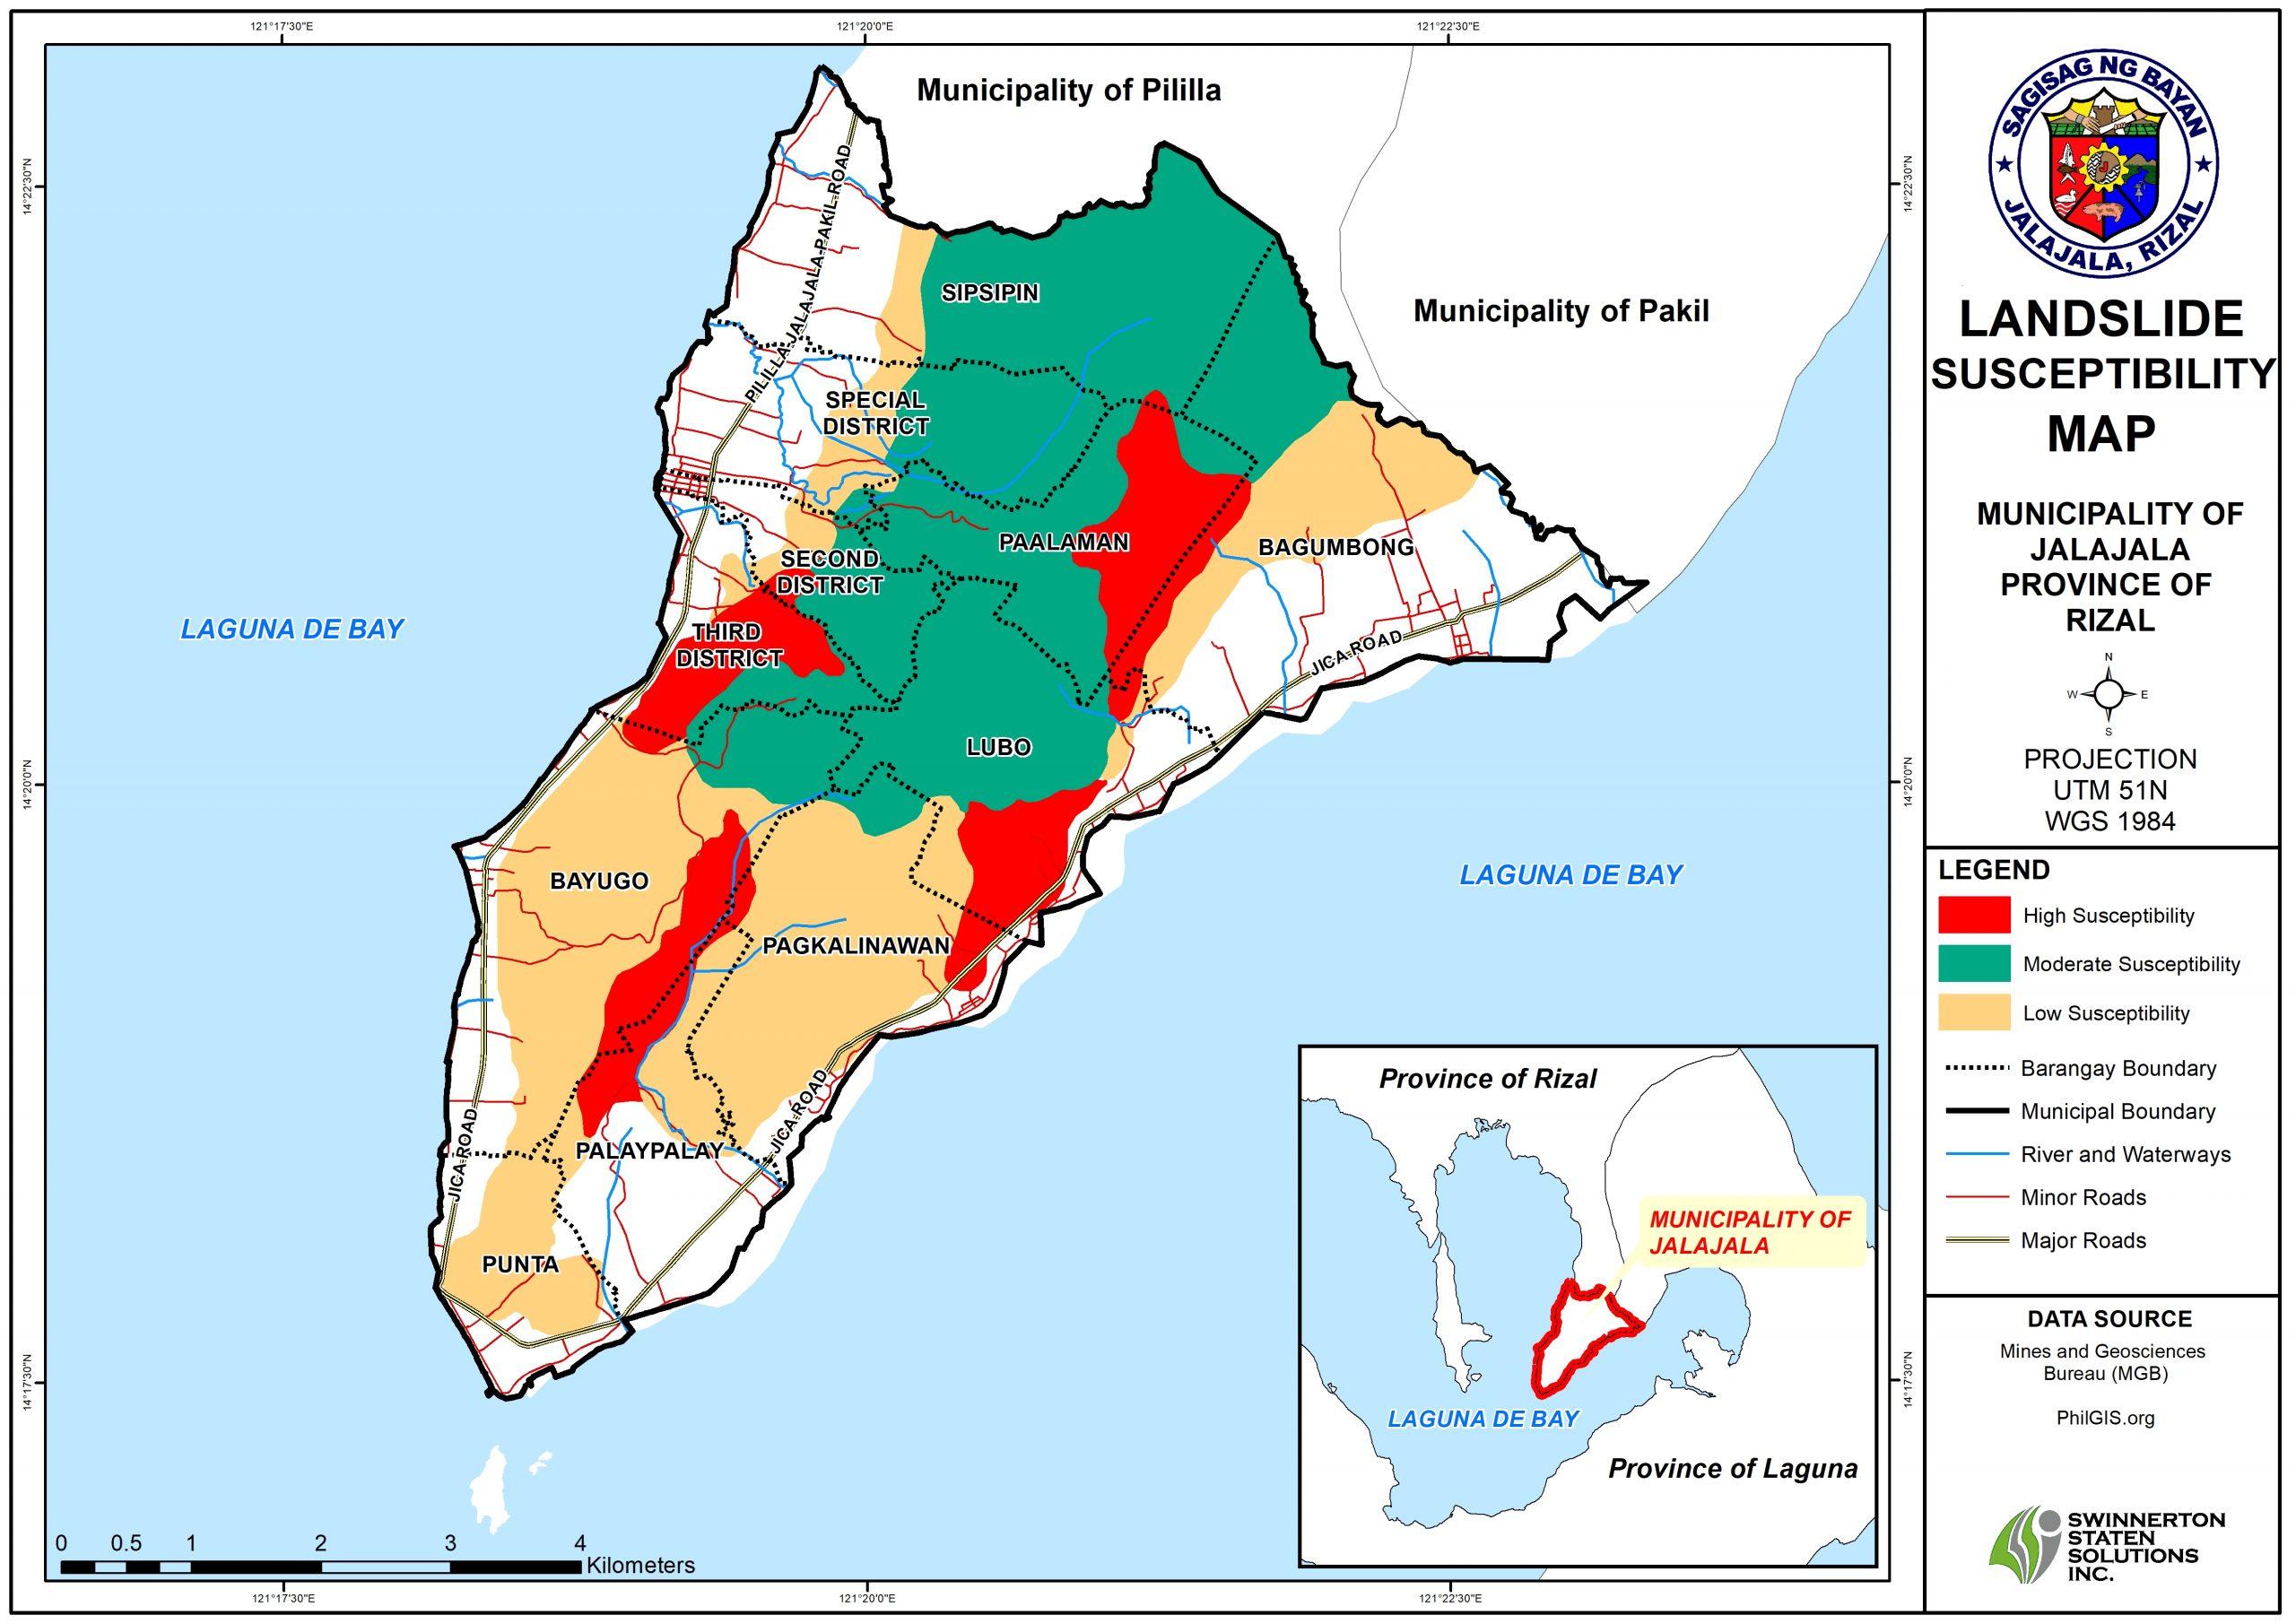 LANDSLIDE SUSCEPTIBILITY MAP